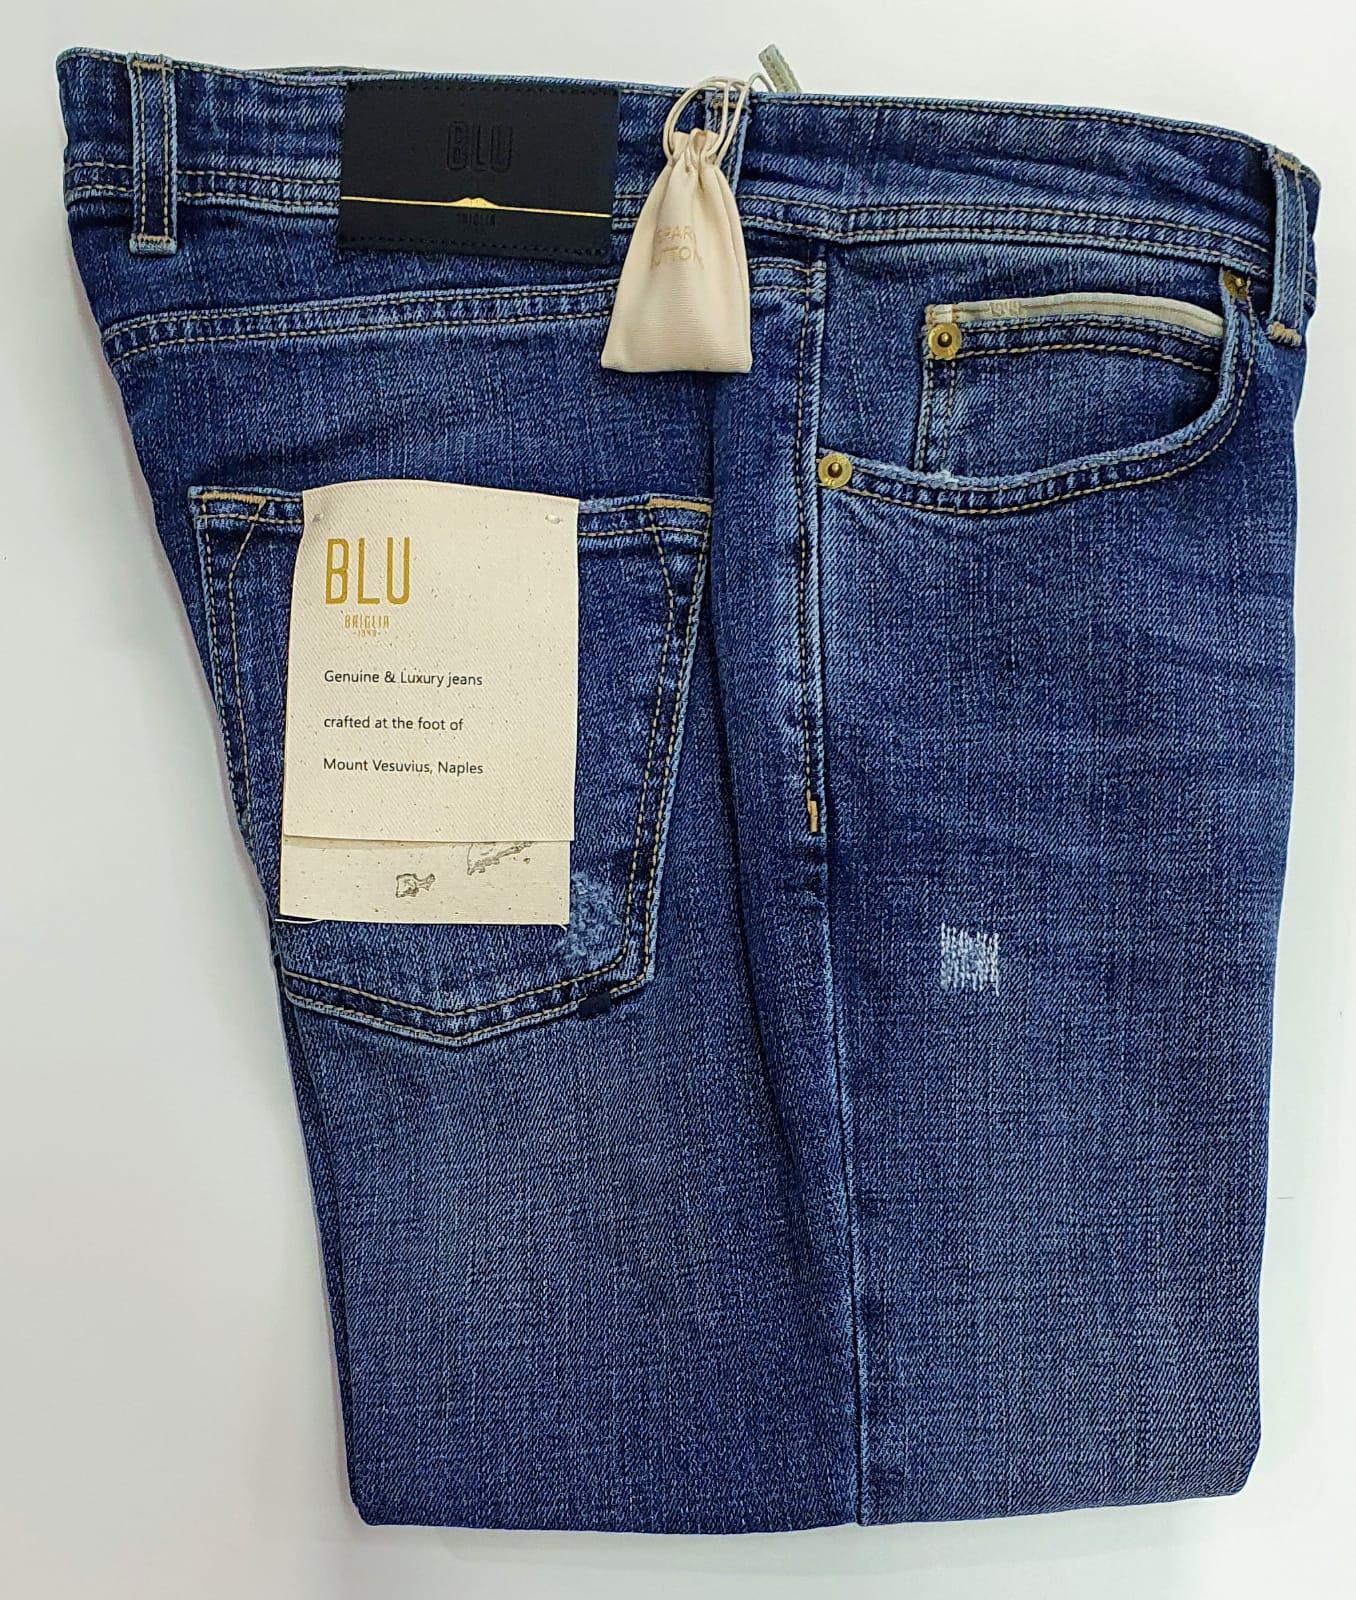 Jeans Briglia Ribot-c676 lavaggio medio